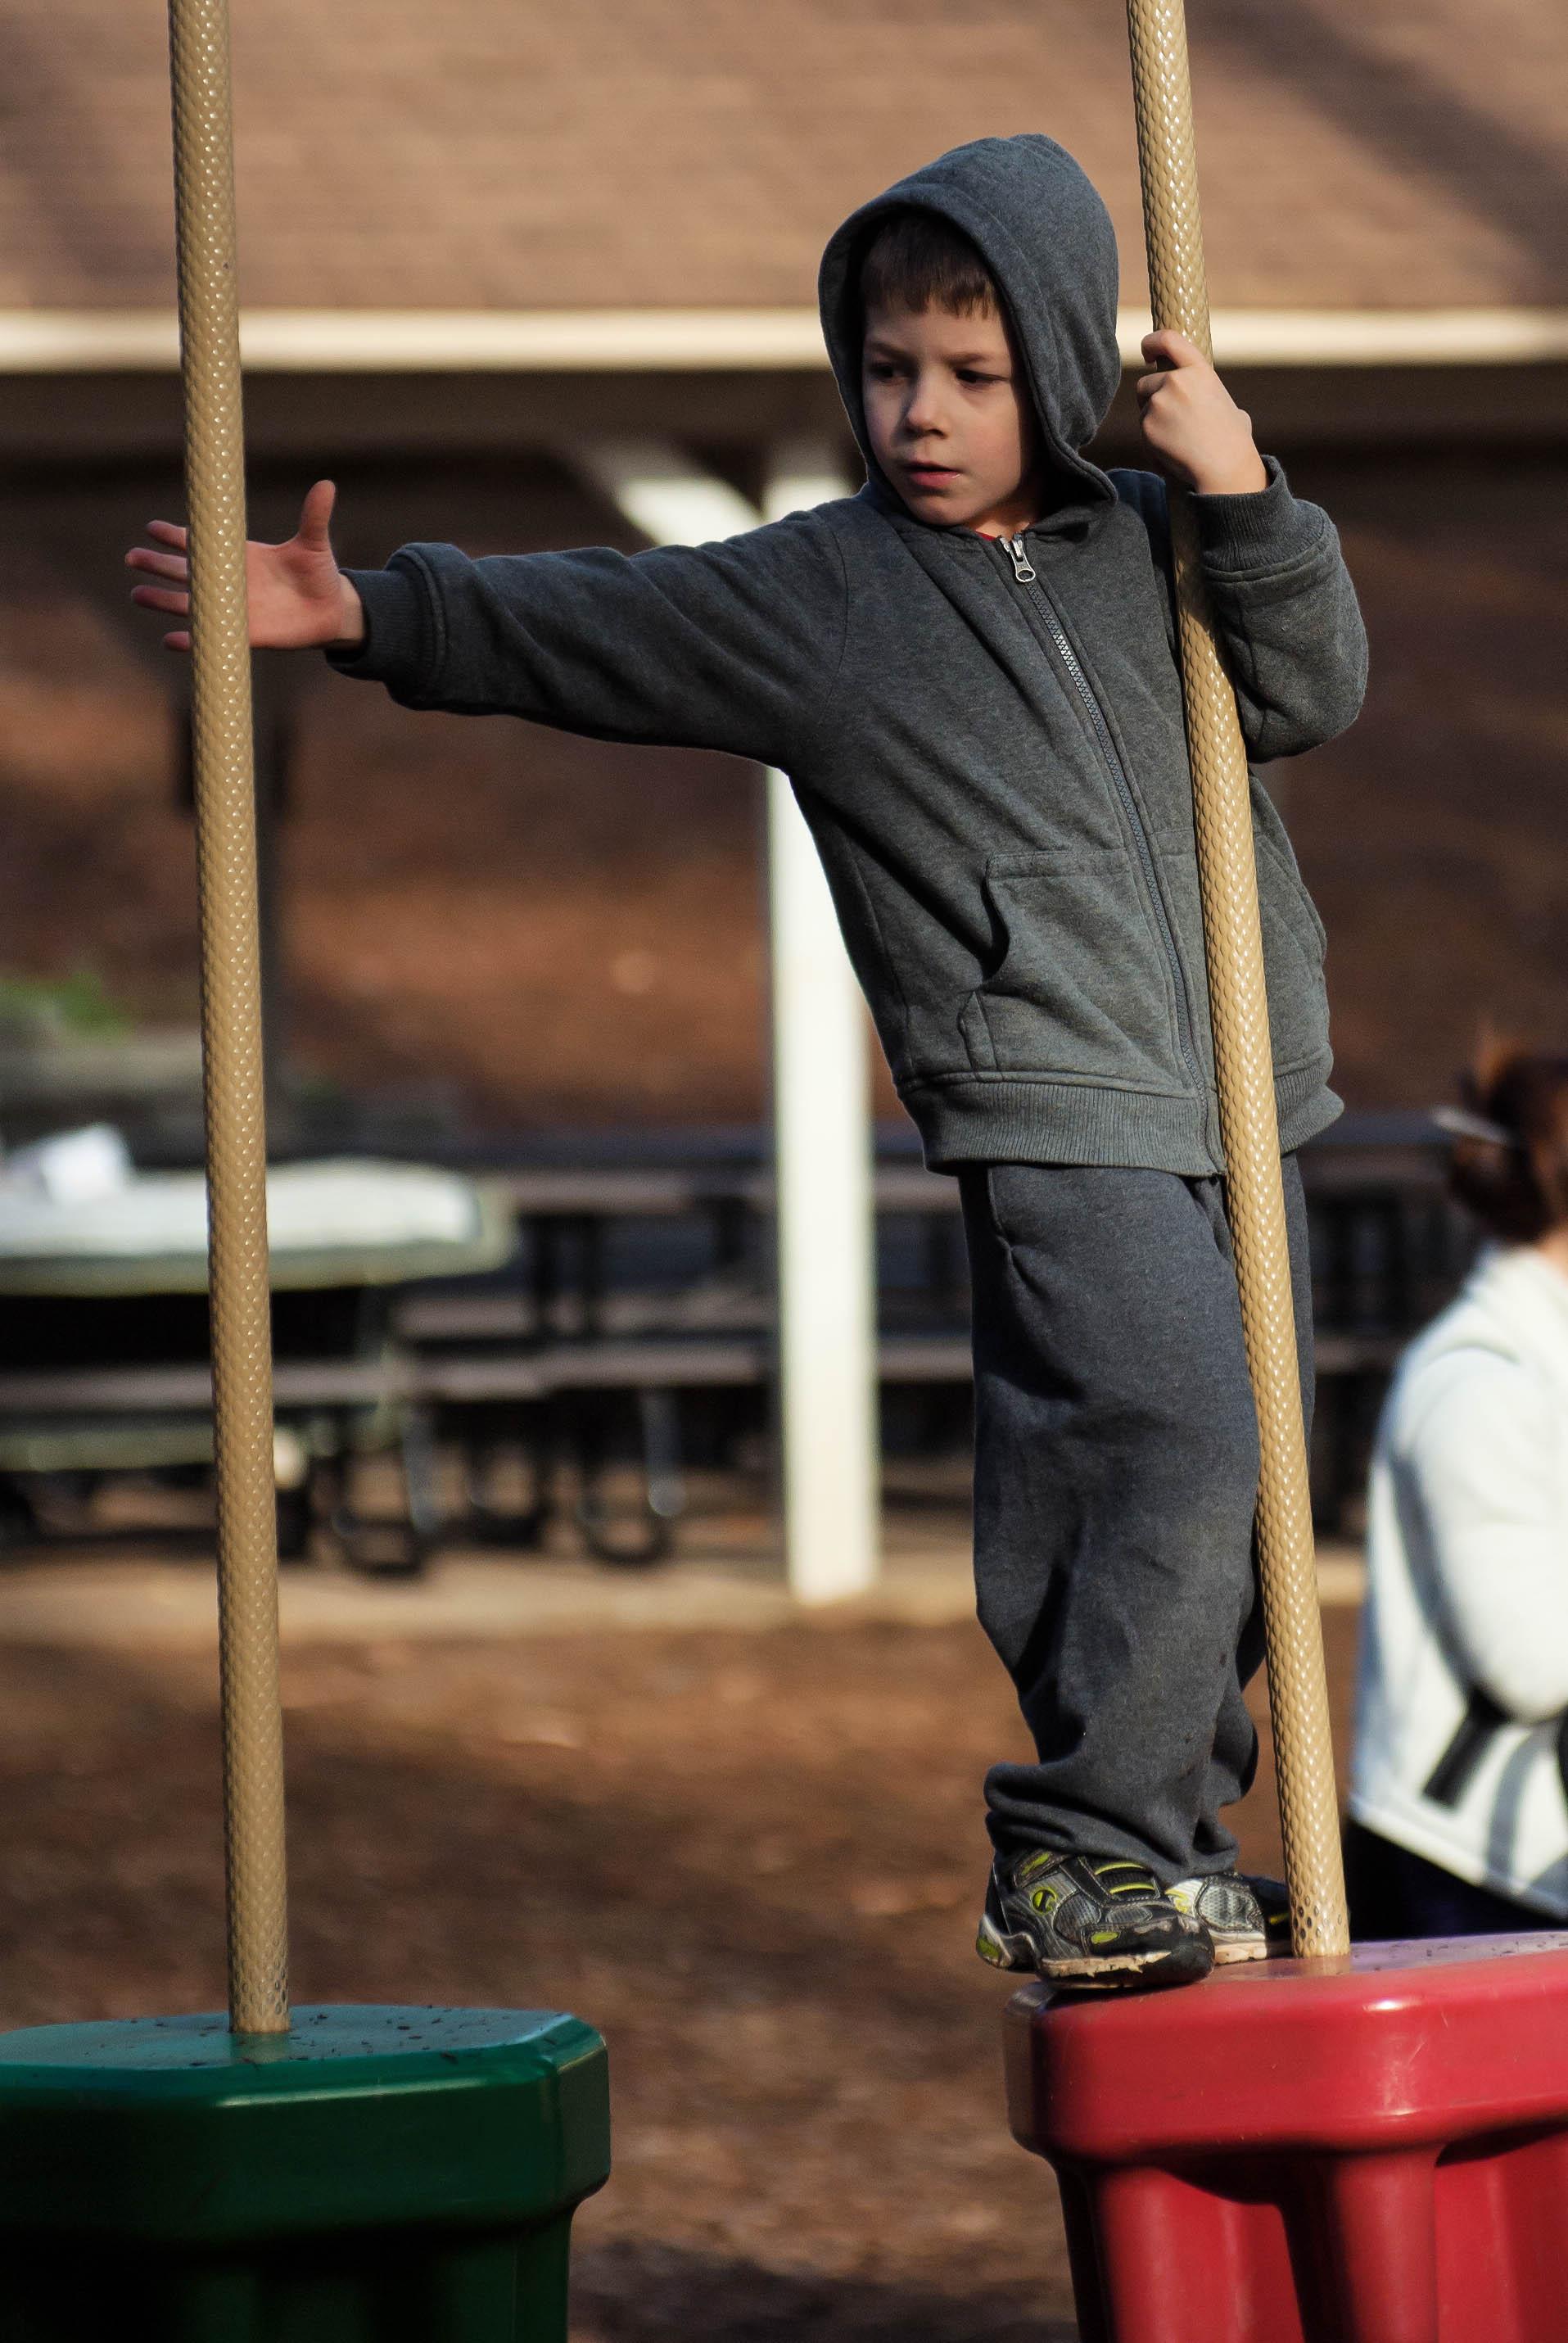 Make the leap boy!